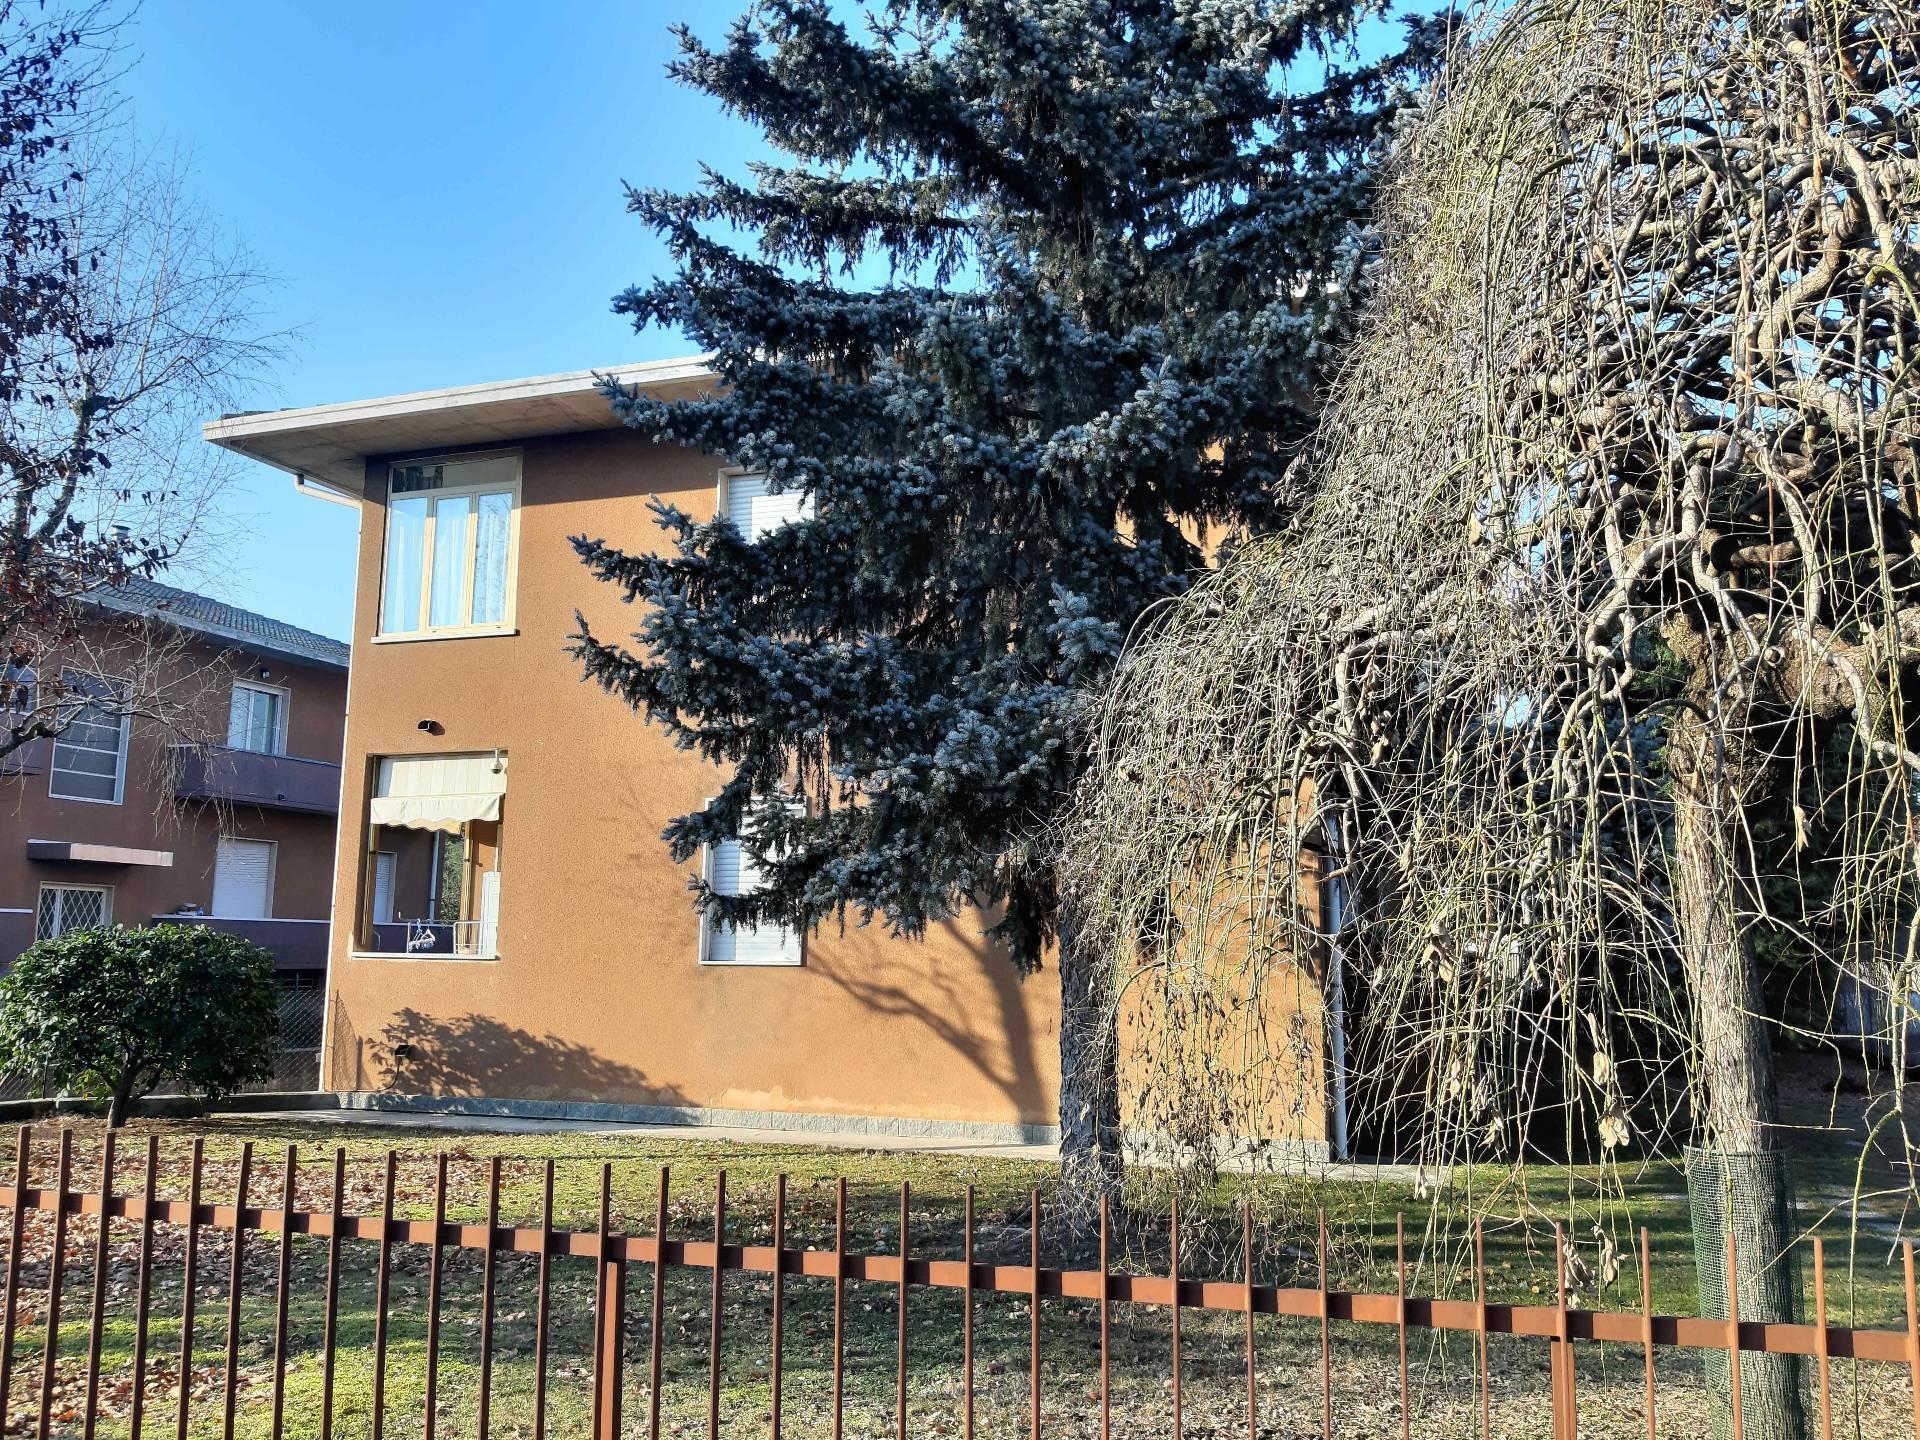 Appartamento in vendita a Lonate Ceppino, 3 locali, prezzo € 147.000 | PortaleAgenzieImmobiliari.it